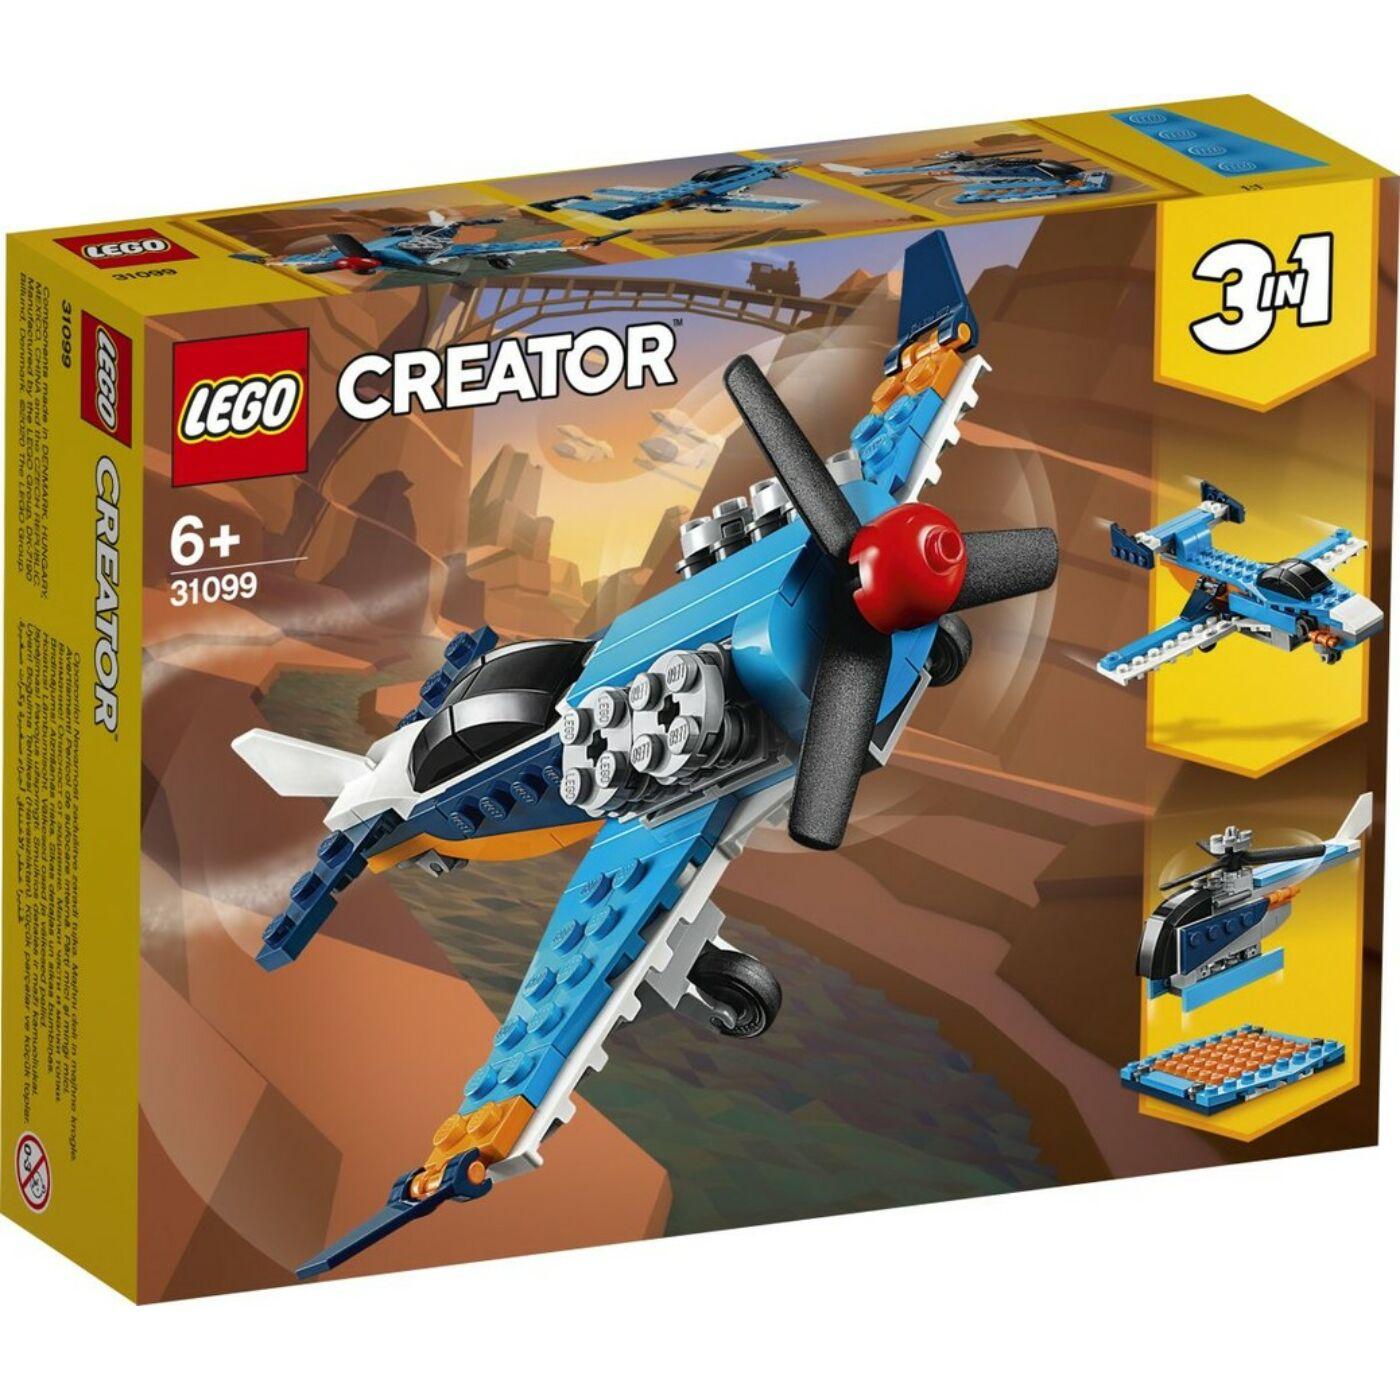 Lego Creator Légcsavaros repülőgép